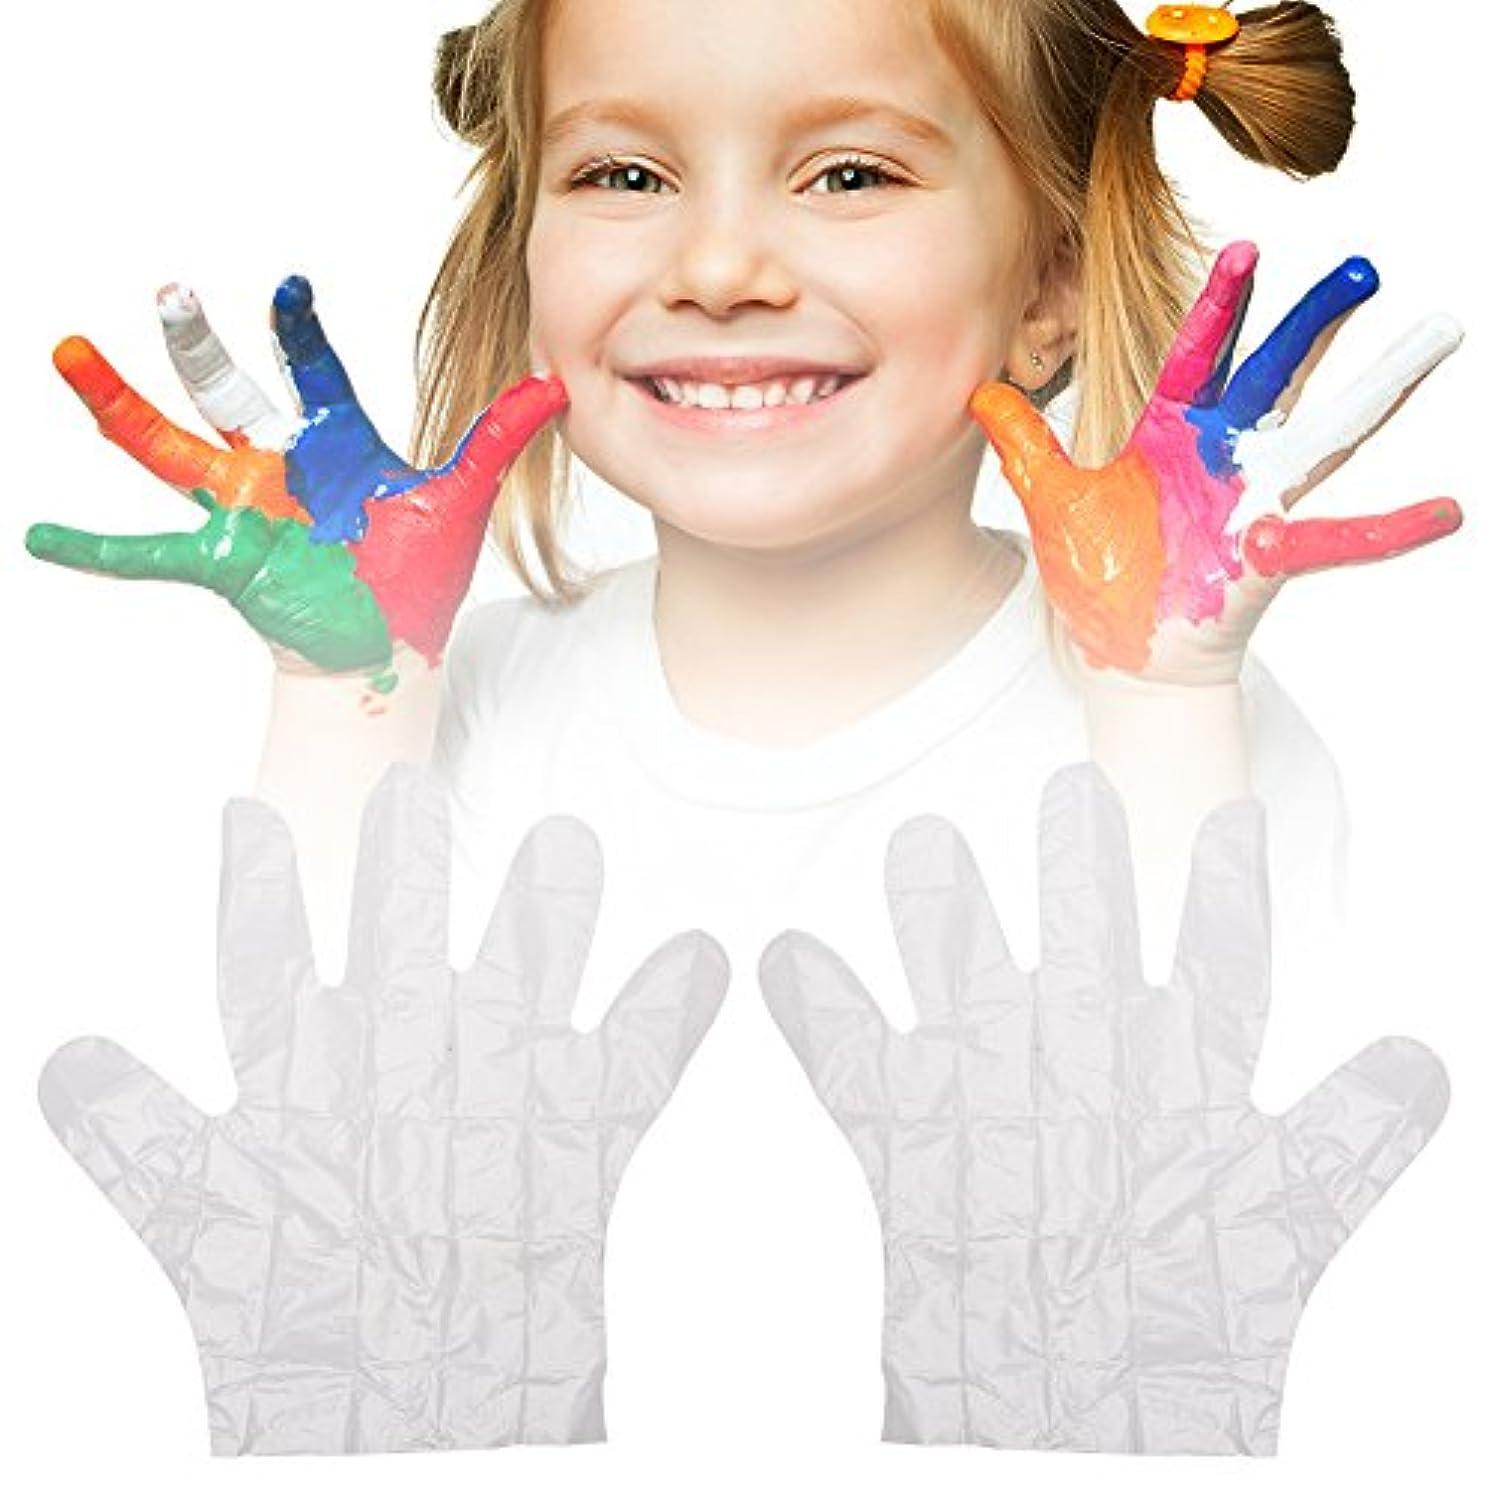 帝国毛布ピーク卓仕朗 手袋使い捨て 子供用 使い捨て手袋 キッズ専用 食品 調理 キッチン用品 透明 手袋 200枚